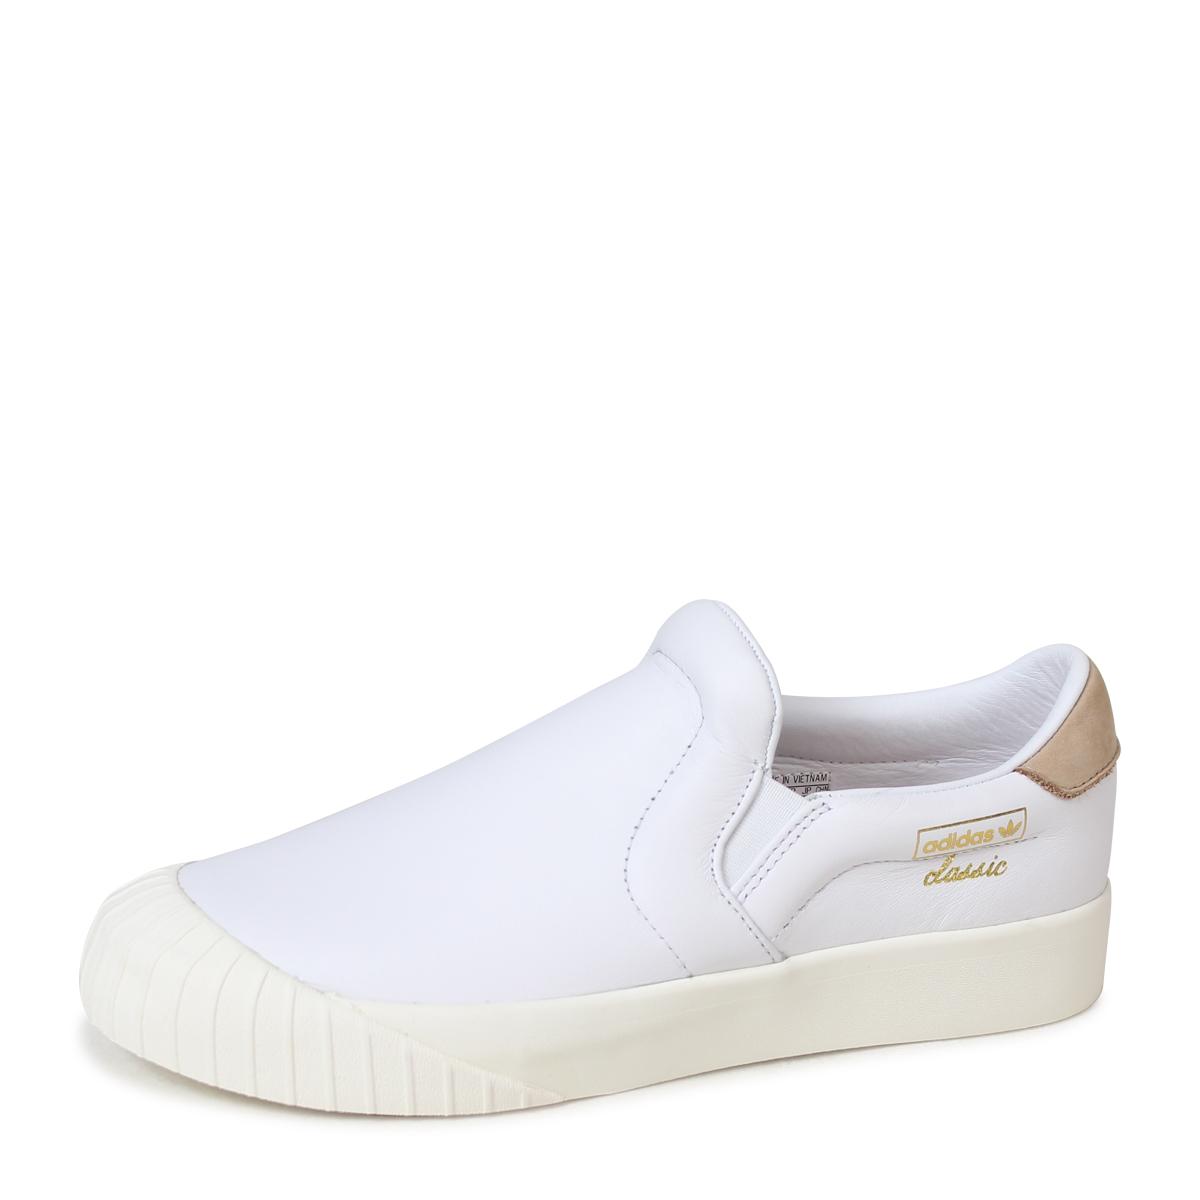 0b15bf5ff47 adidas everyn slip on